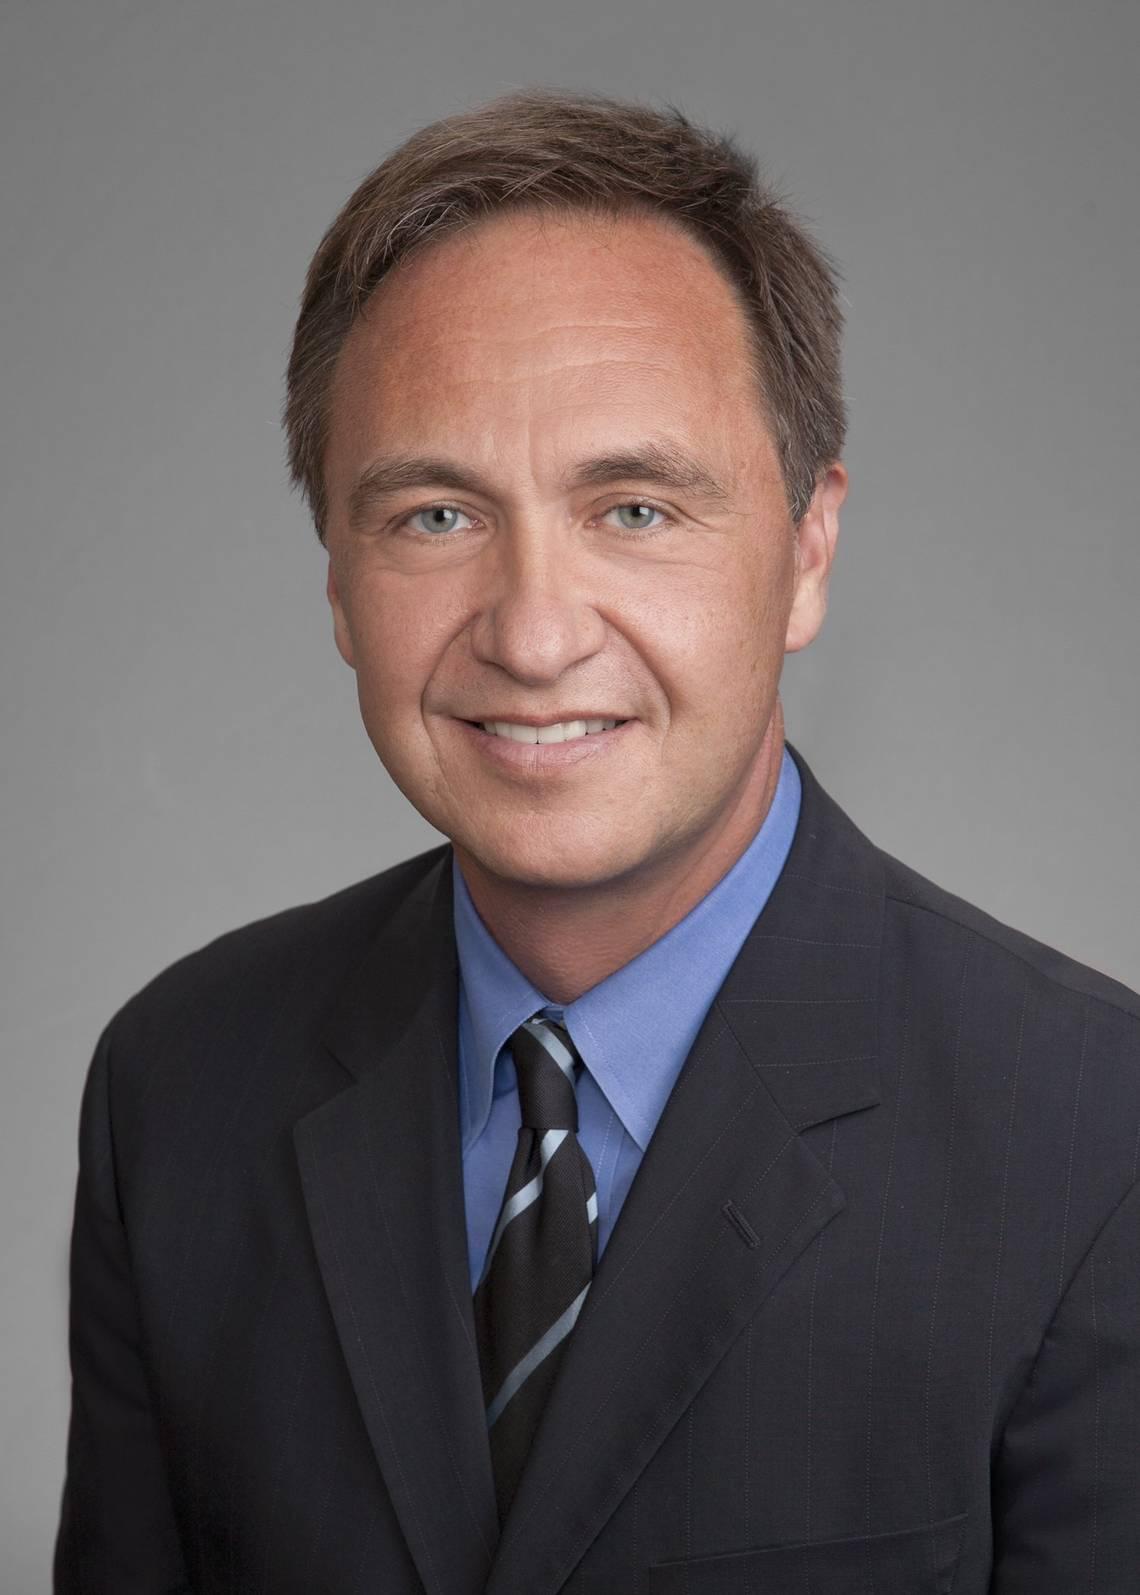 Rick Zbur